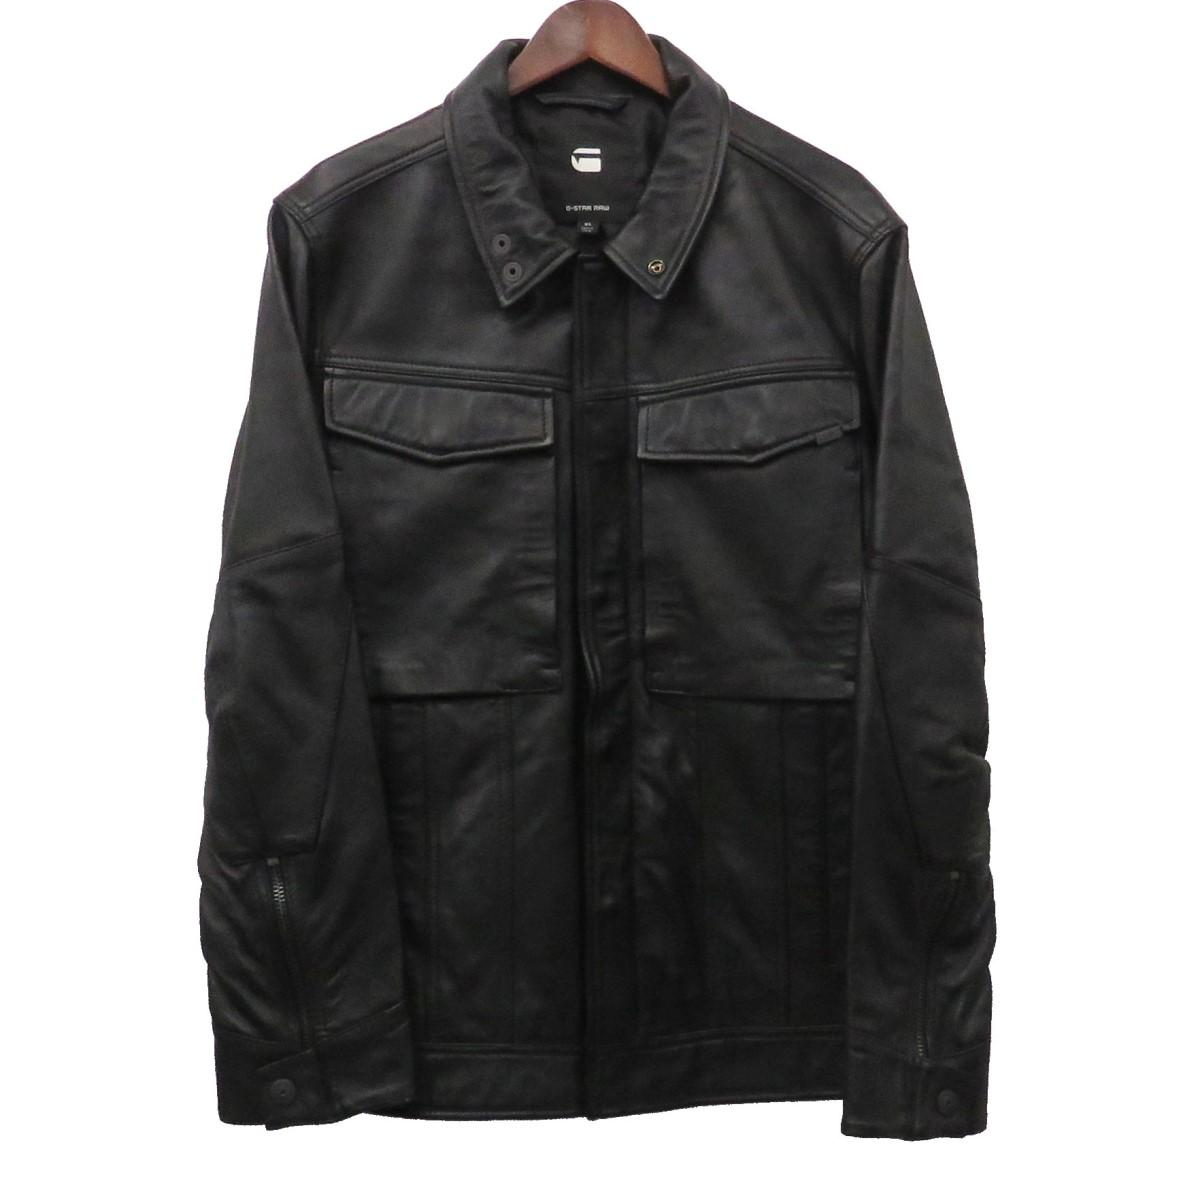 【中古】G-STAR RAW VODAN 3D SLIM LEATHER JKT レザージャケット ブラック サイズ:XL 【110420】(ジースター・ロウ)